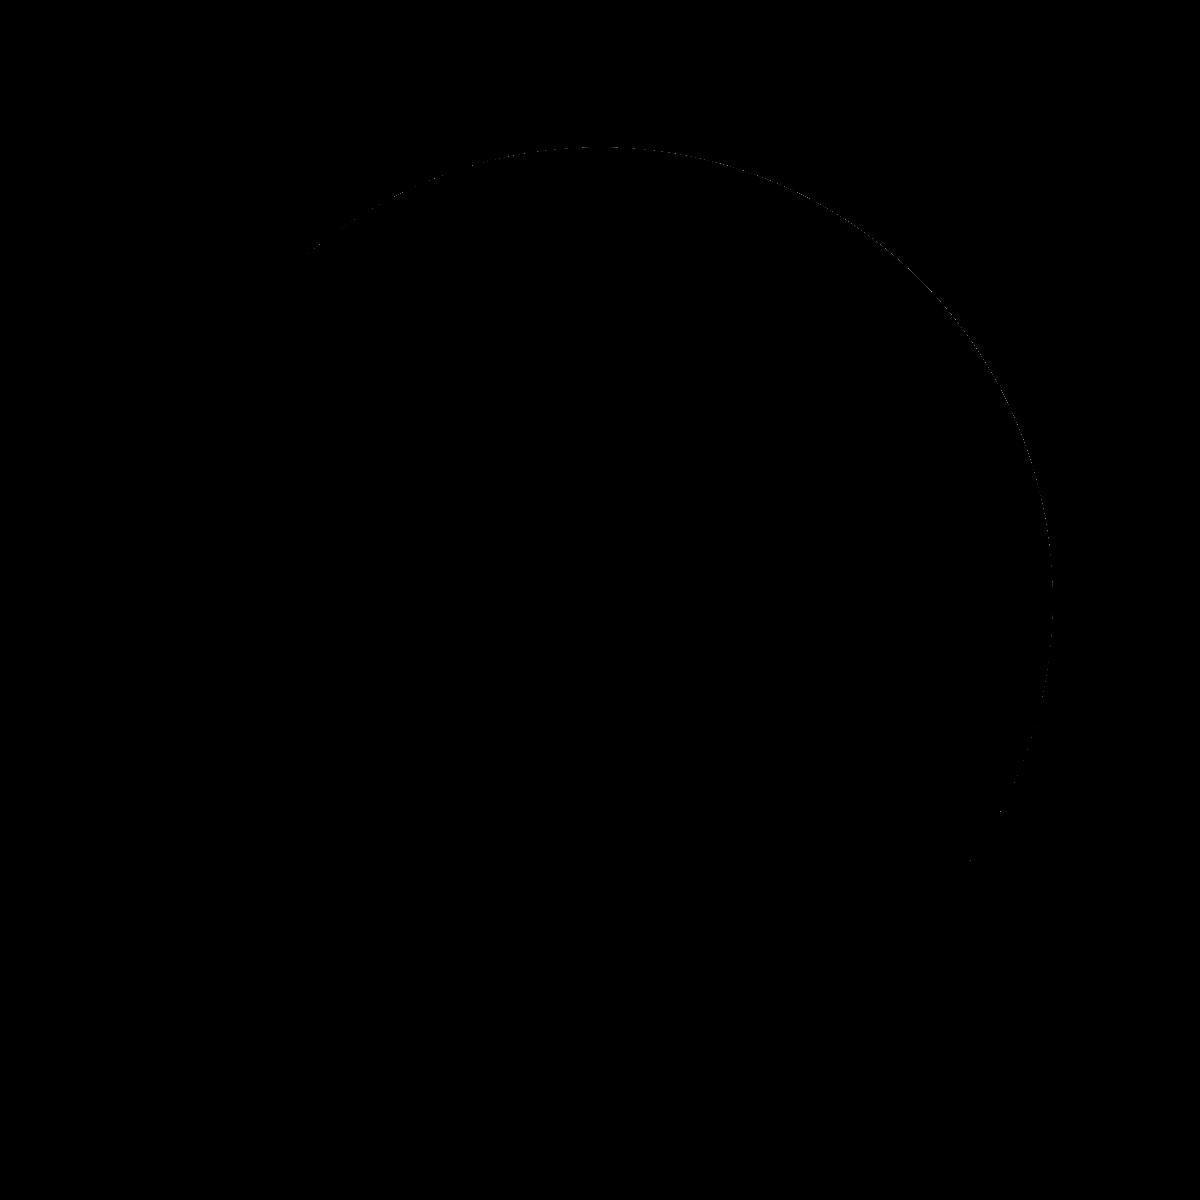 Lune du 25 janvier 2020